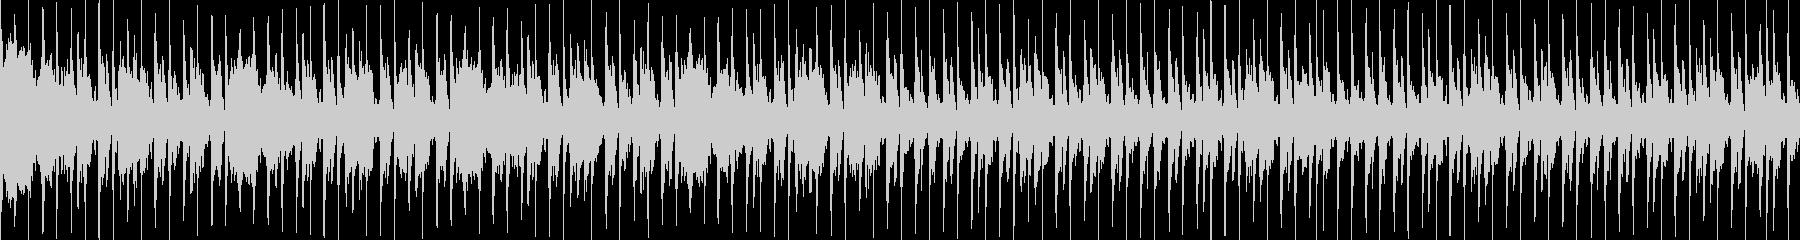 並行和音のパワーハウス。ループ再生可能。の未再生の波形